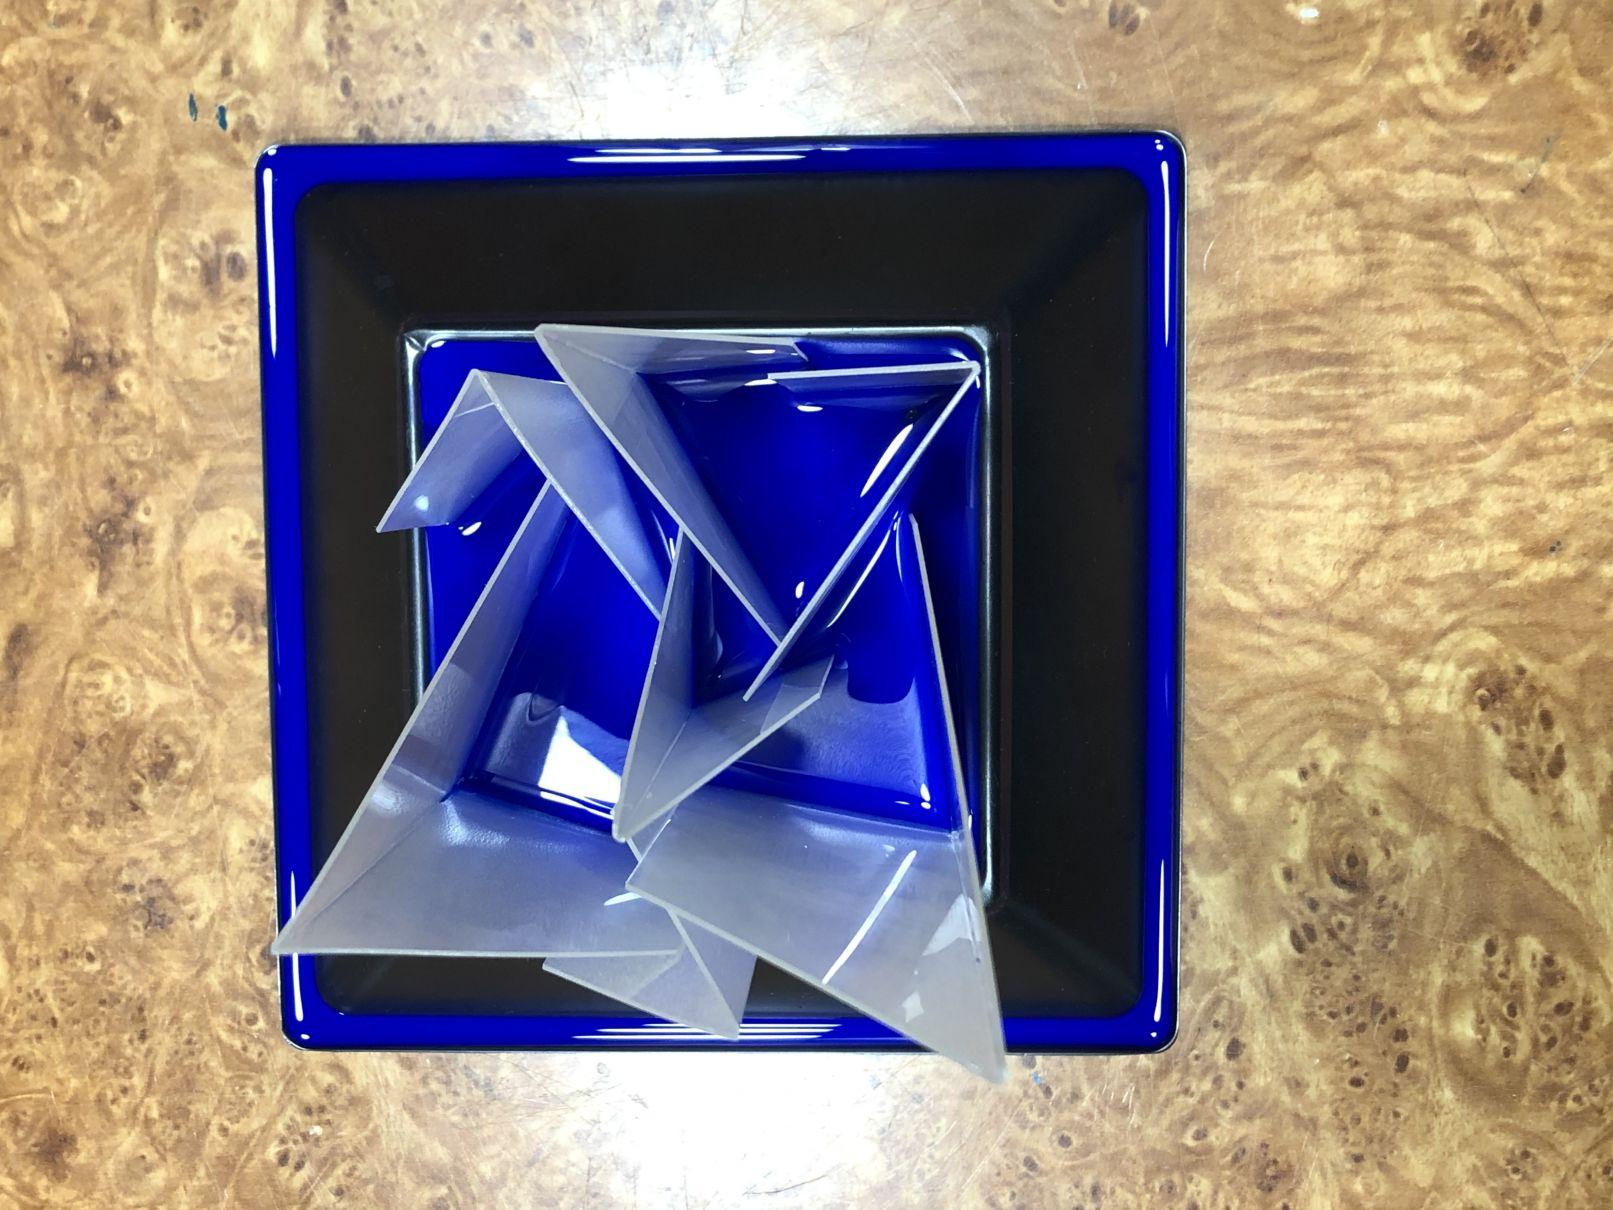 Flor cuadrada y azul (2018) - Tomas Díaz Magro